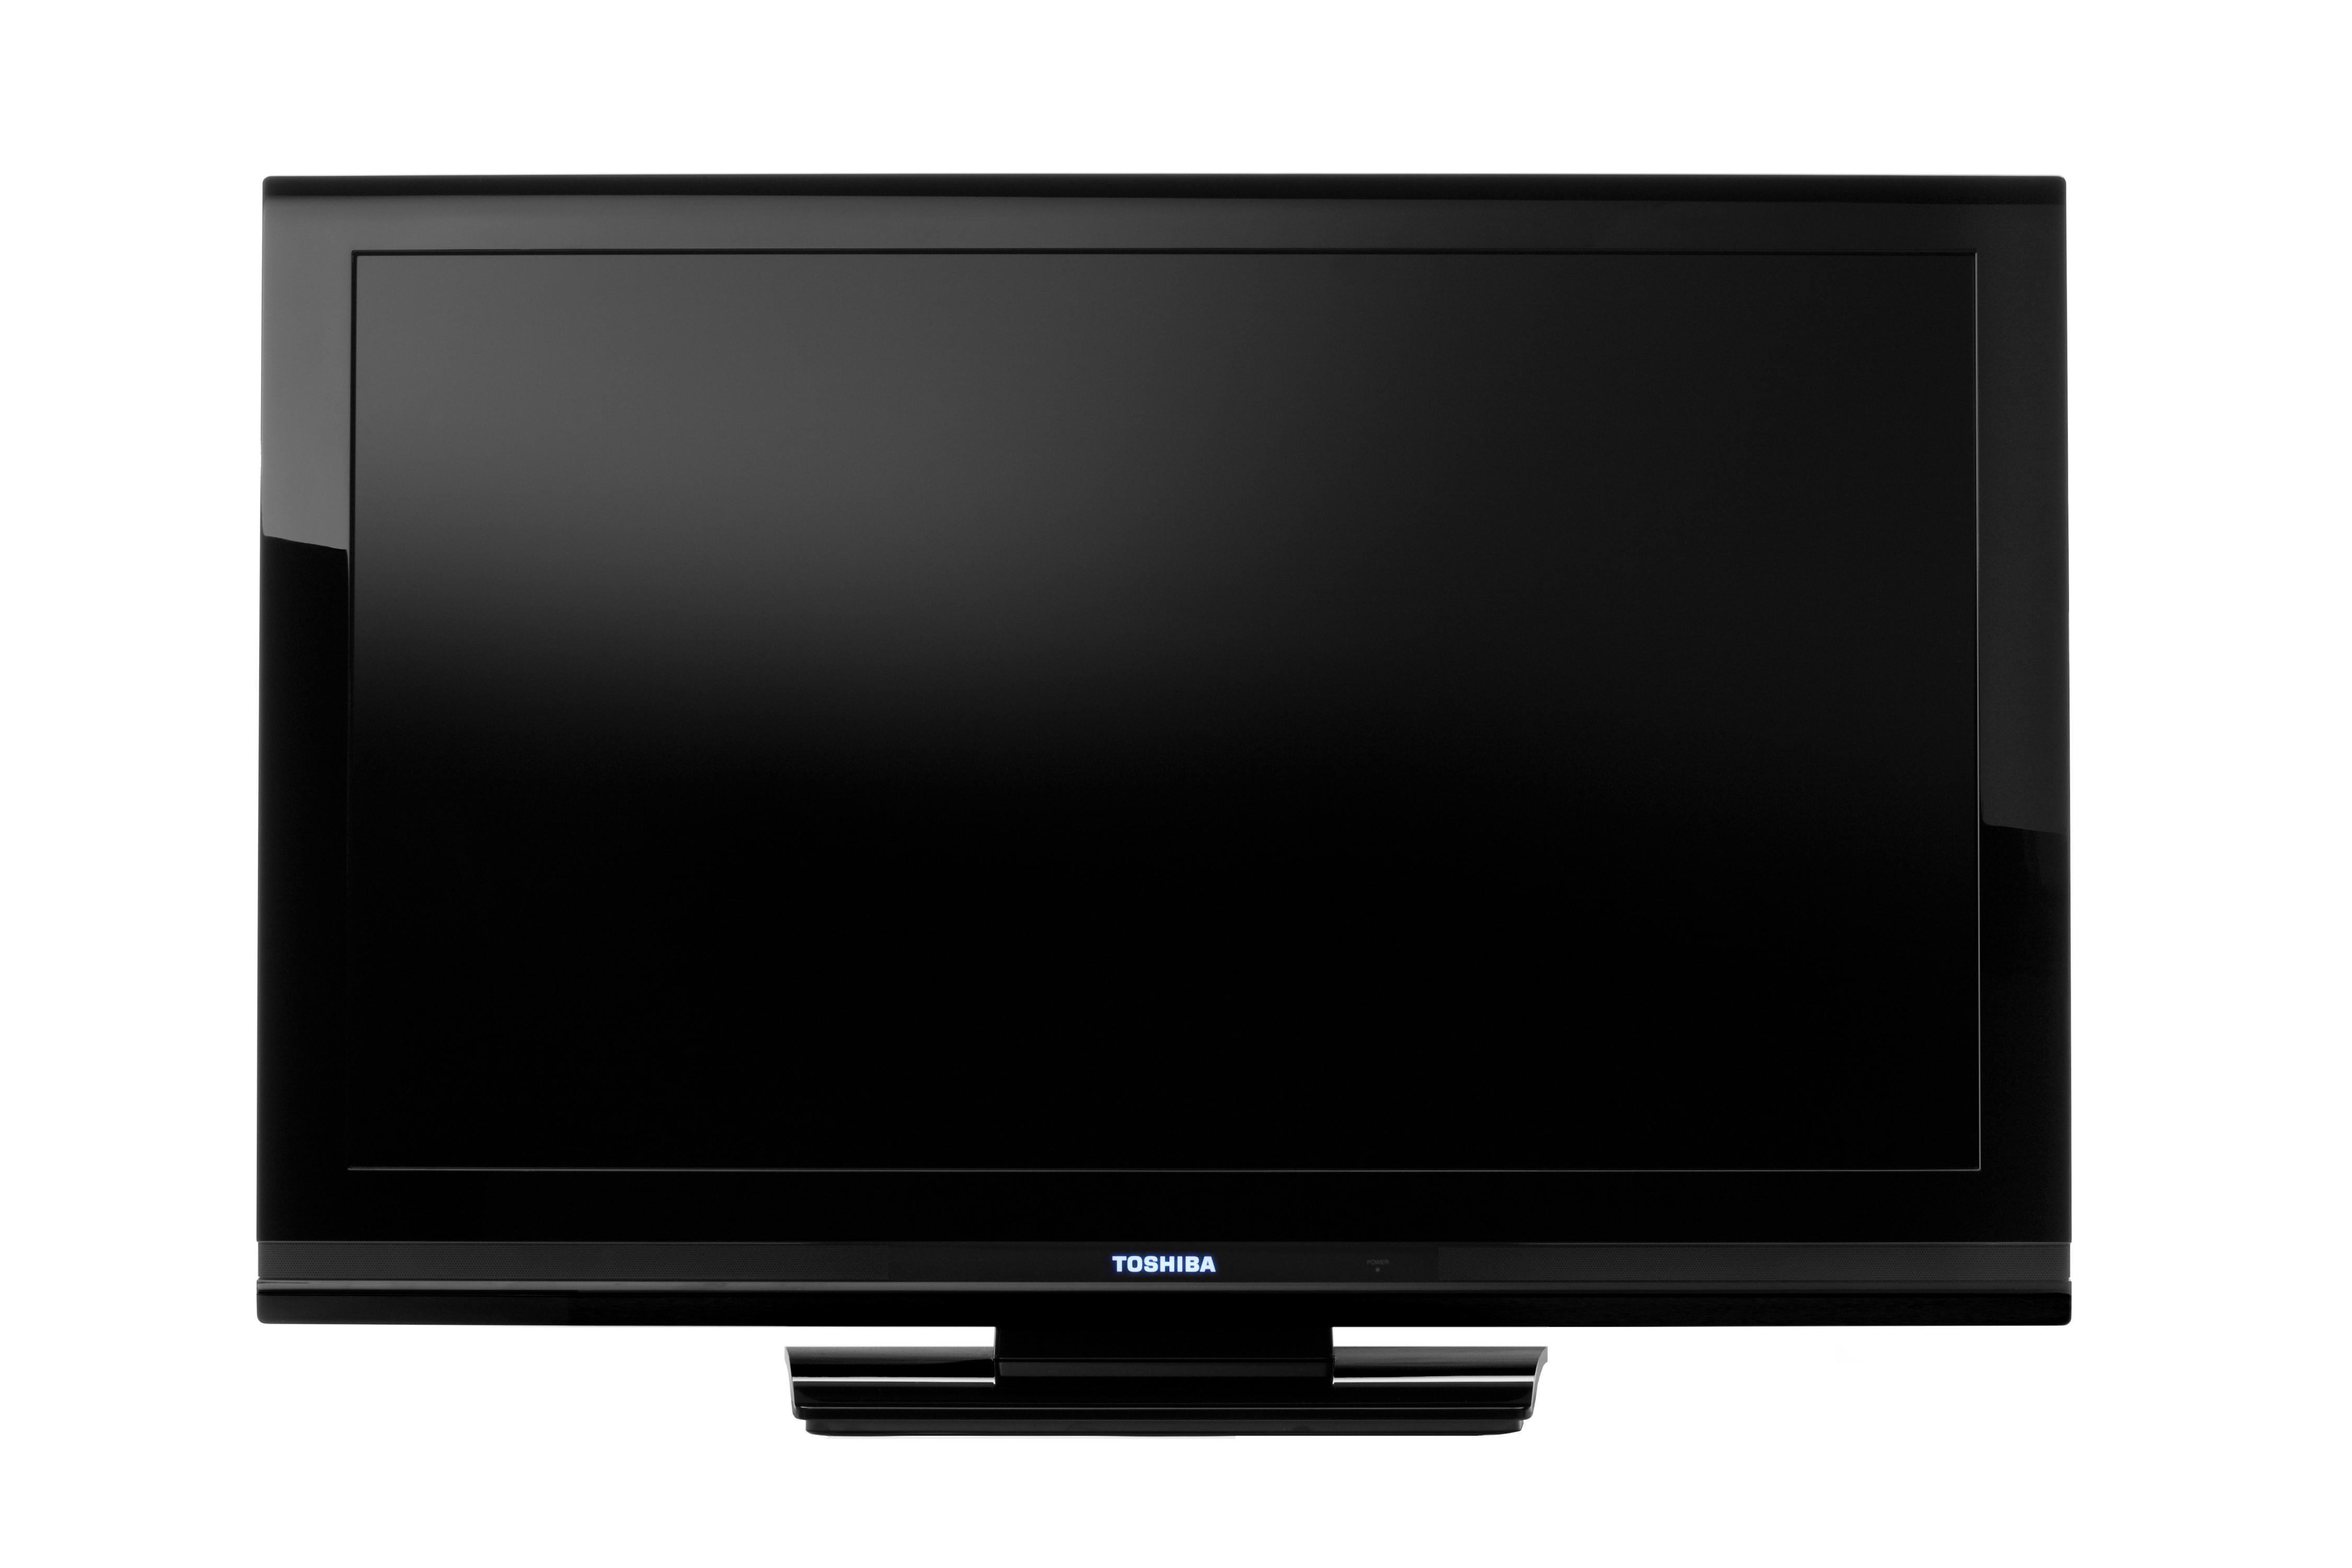 Toshiba 32AV502R 32-inch 720p LCD HDTV